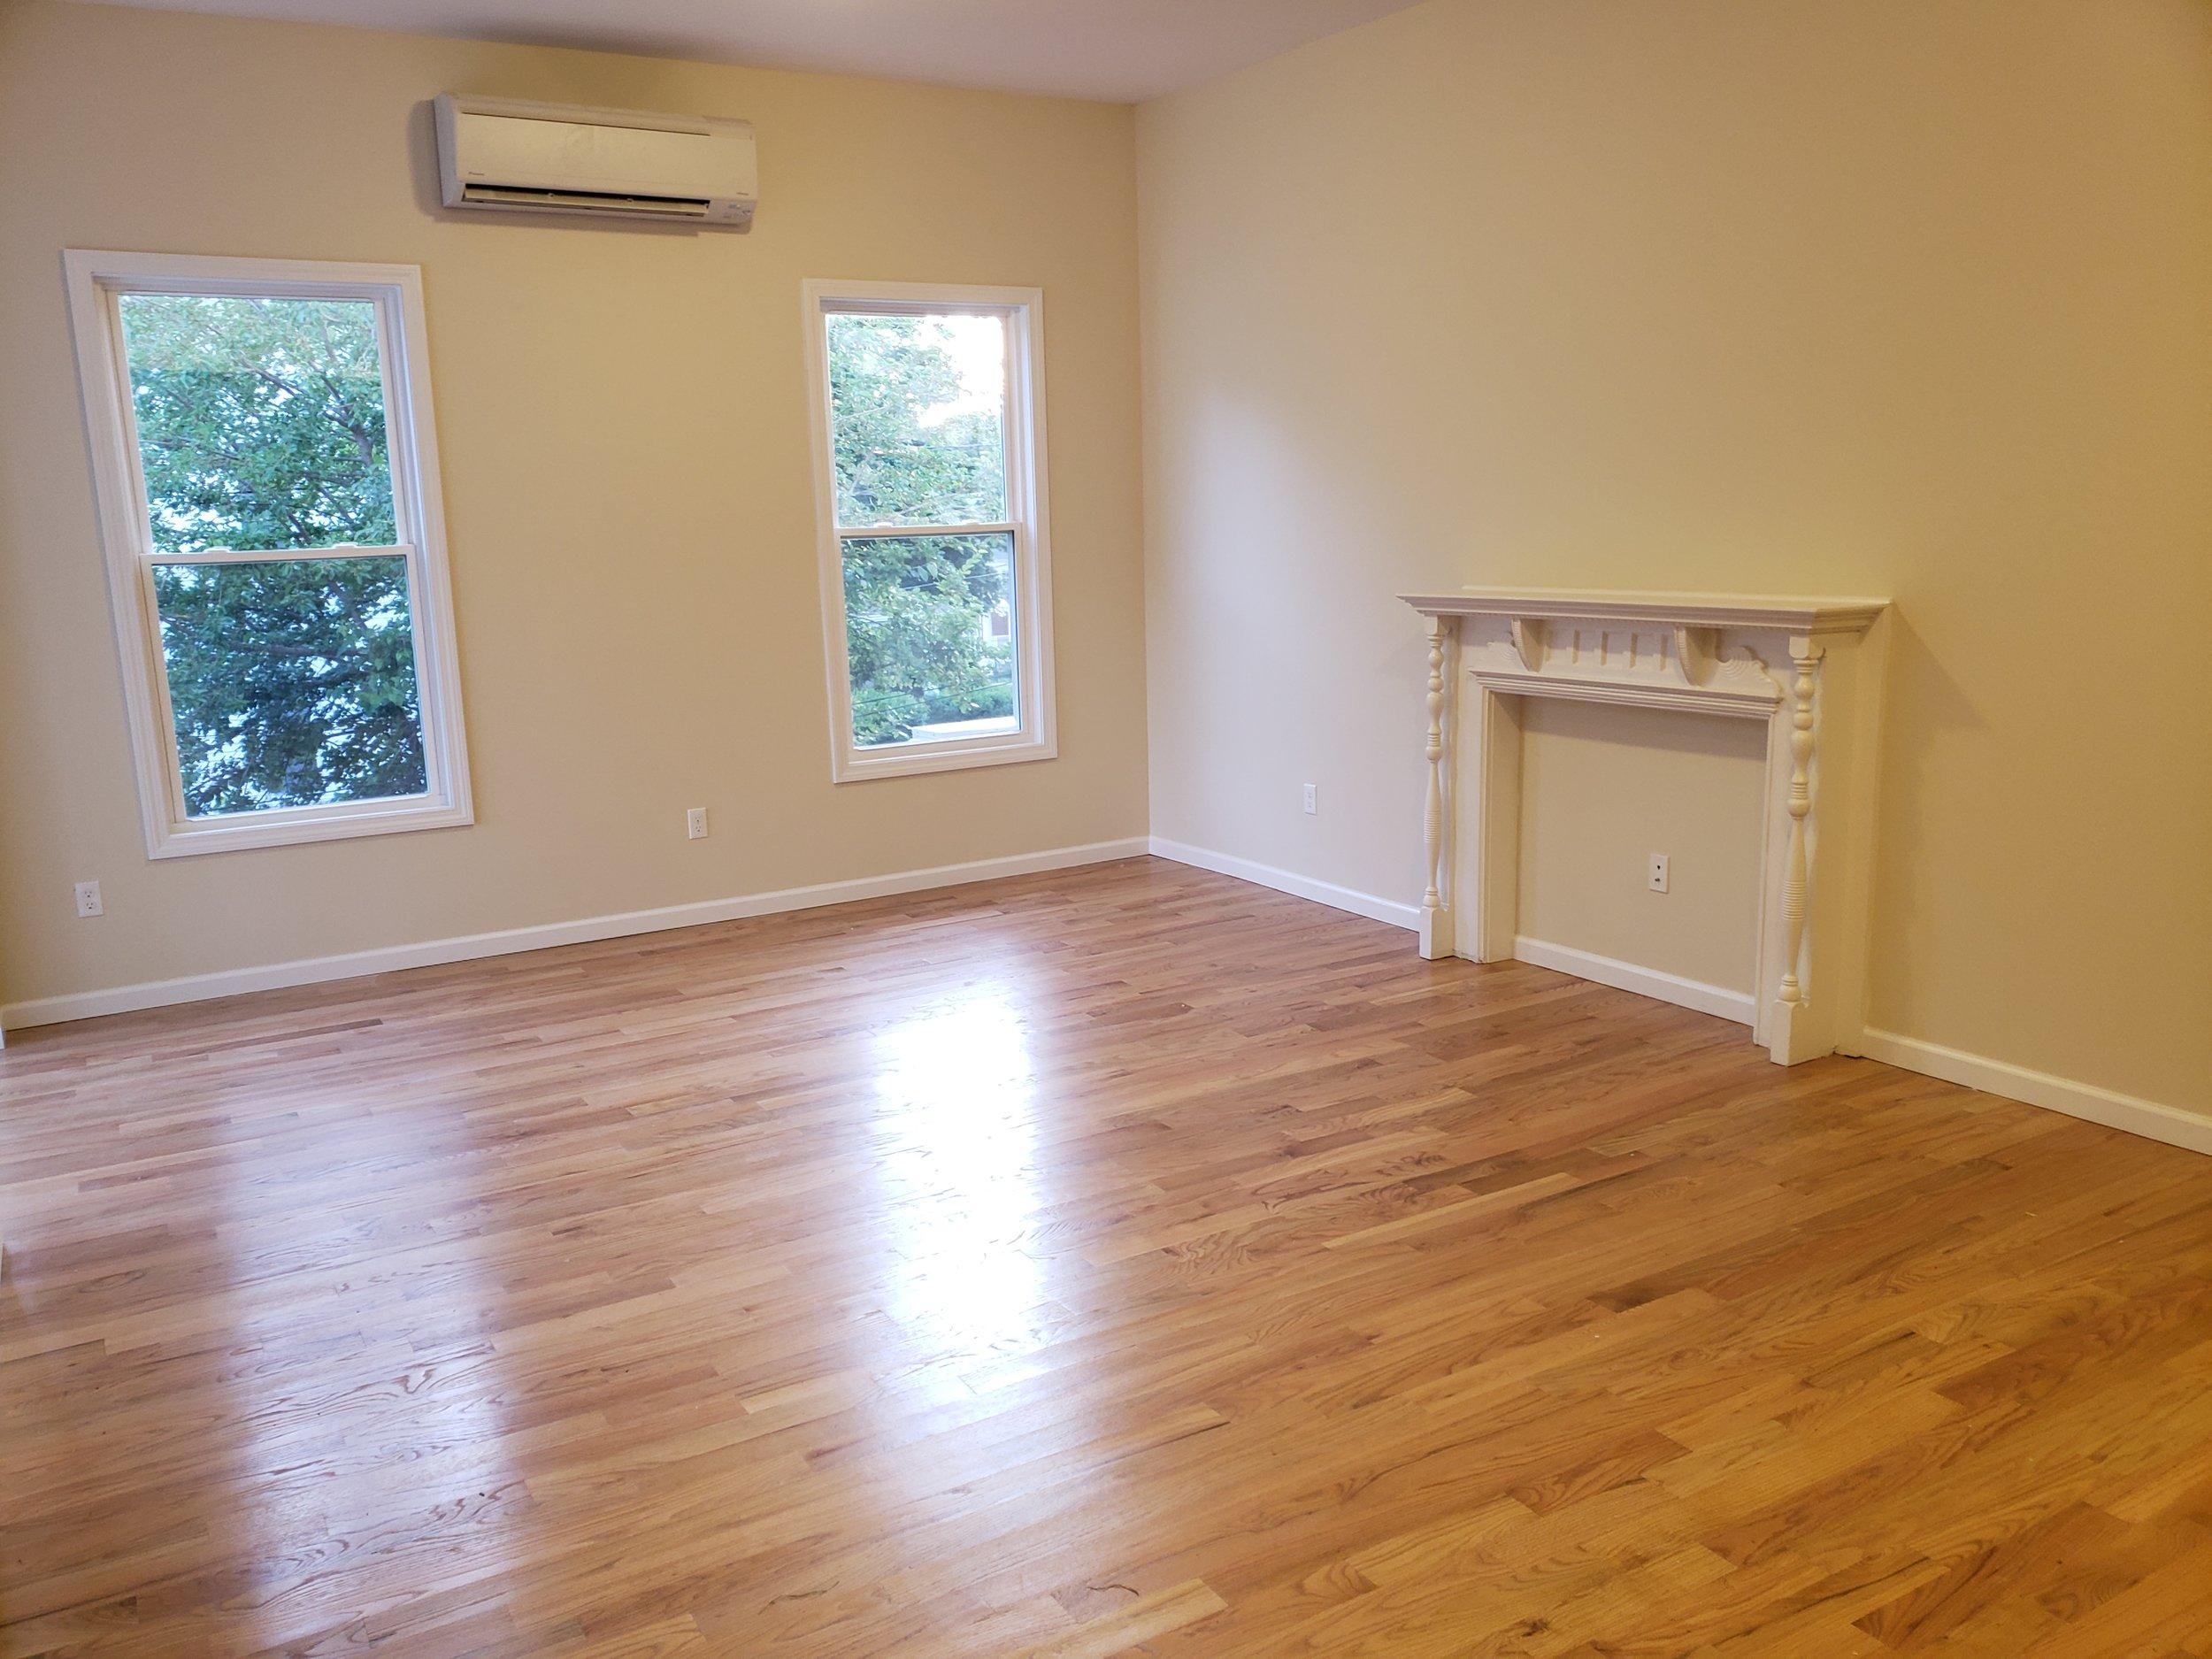 52 1B livingroom 3.jpg